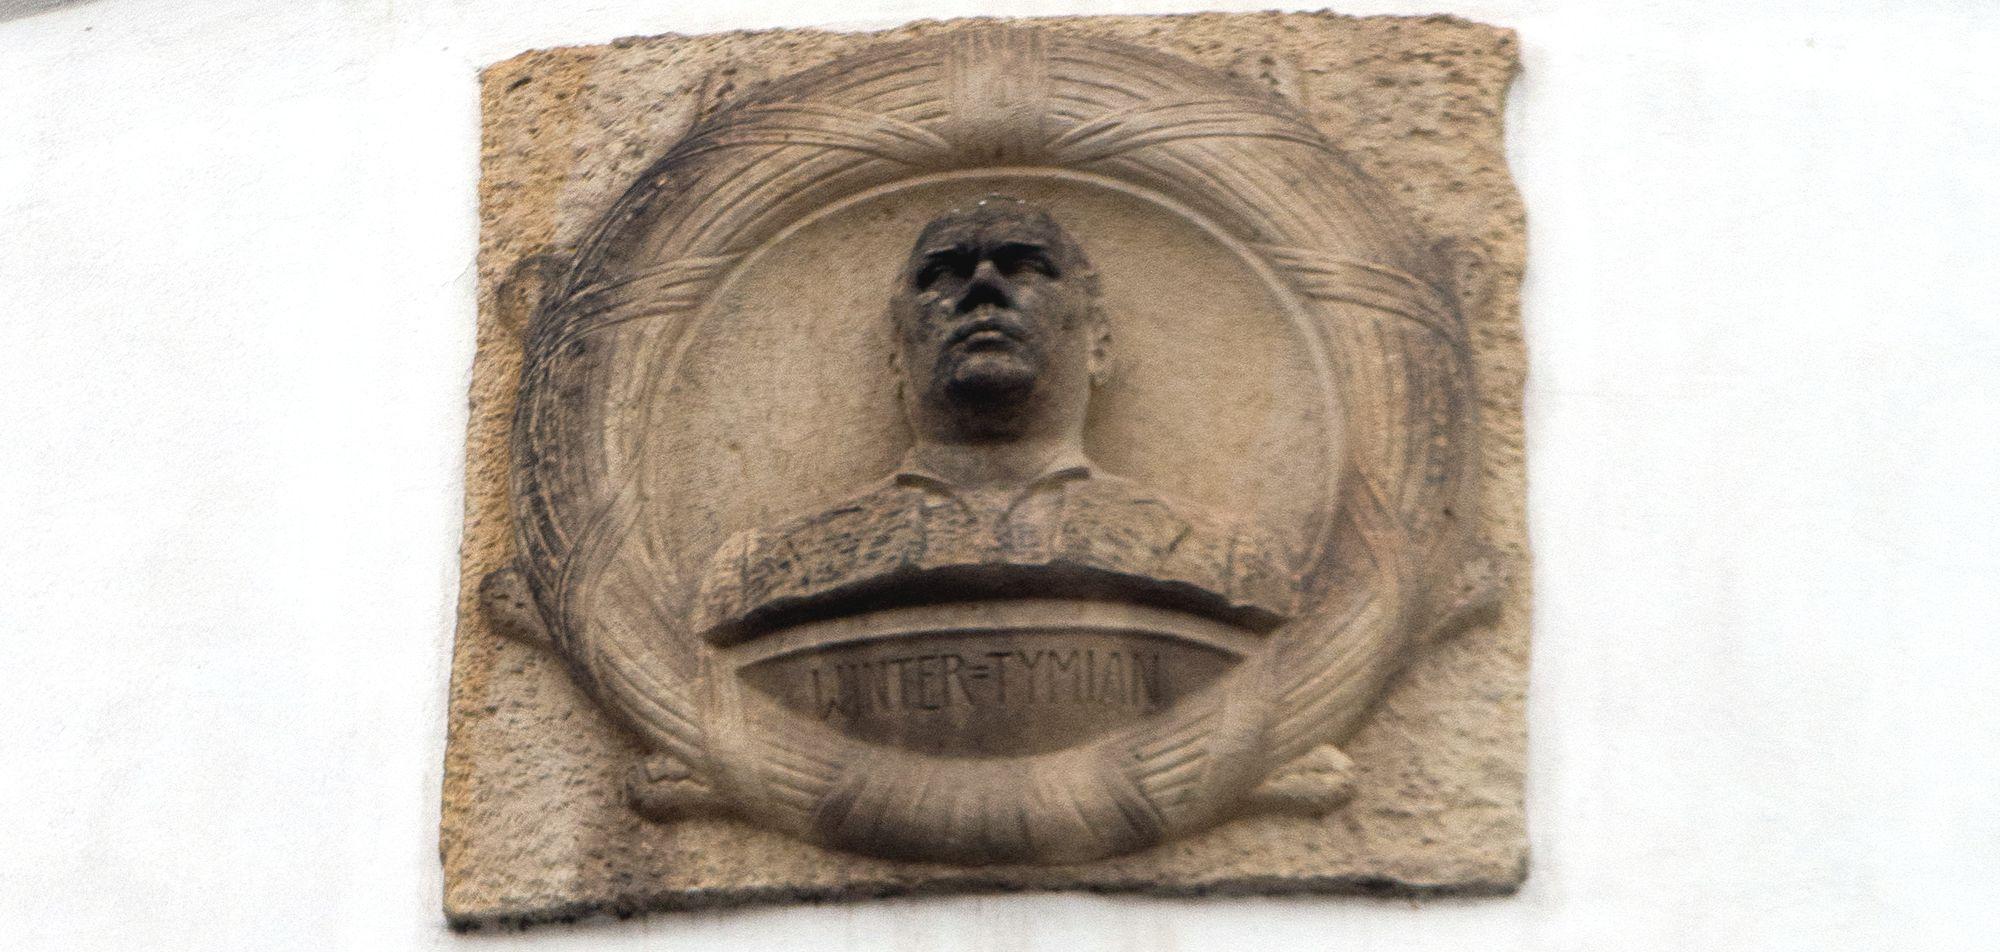 Emil Winter-Tymian - Gedenkstein am Haus Louisenstraße 55 - Foto: Günter Starke